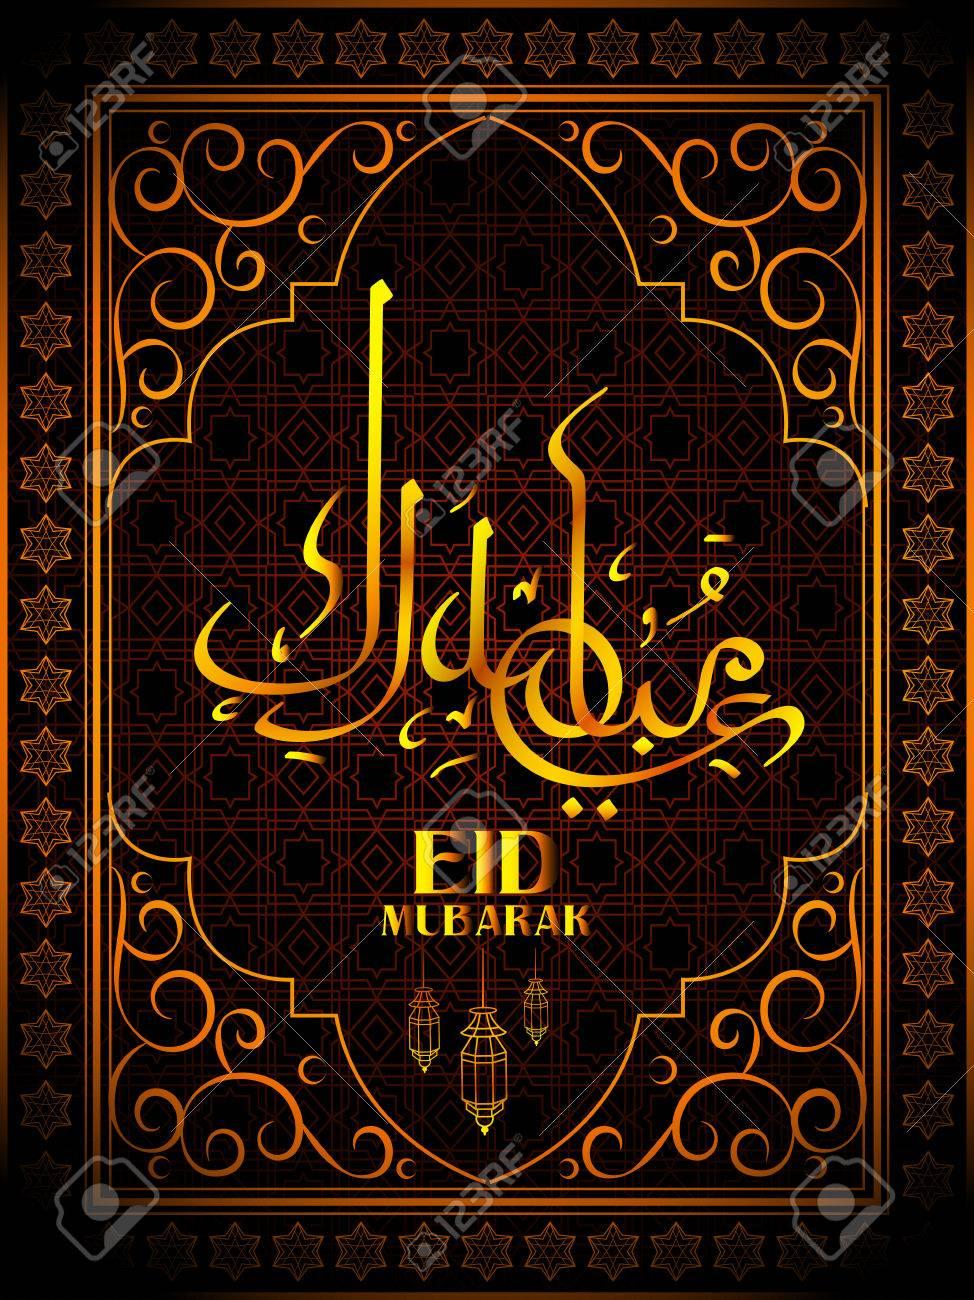 Illustration Of Illuminated Lamp On Eid Mubarak Happy Eid Greetings